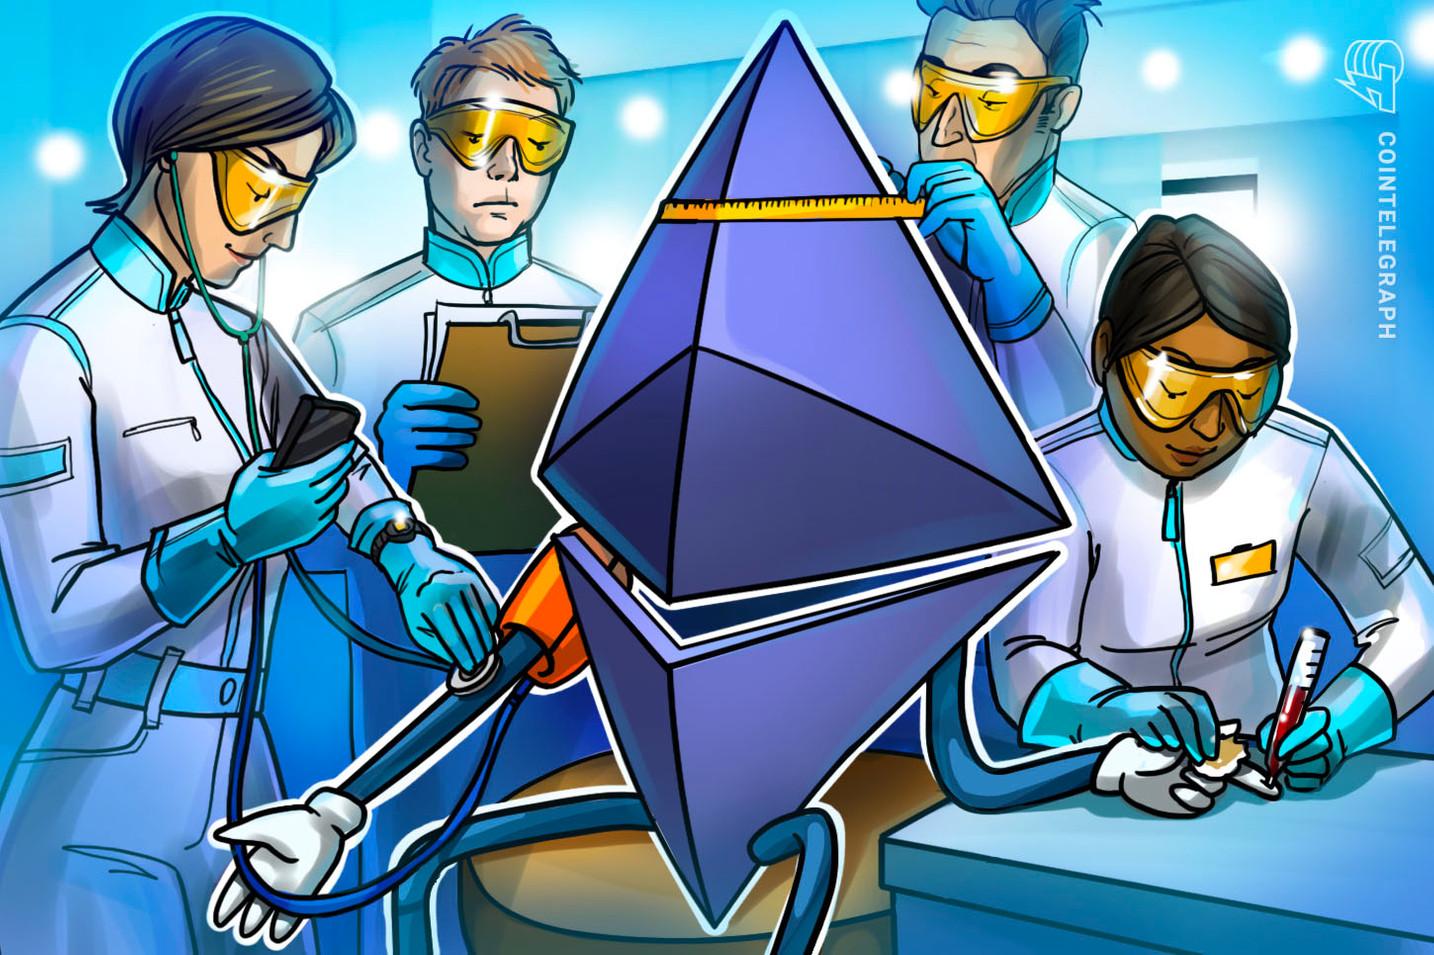 Ethereum-Mitbegründer Vitalik Buterin schlägt Entwicklung von Ether-Mixer vor